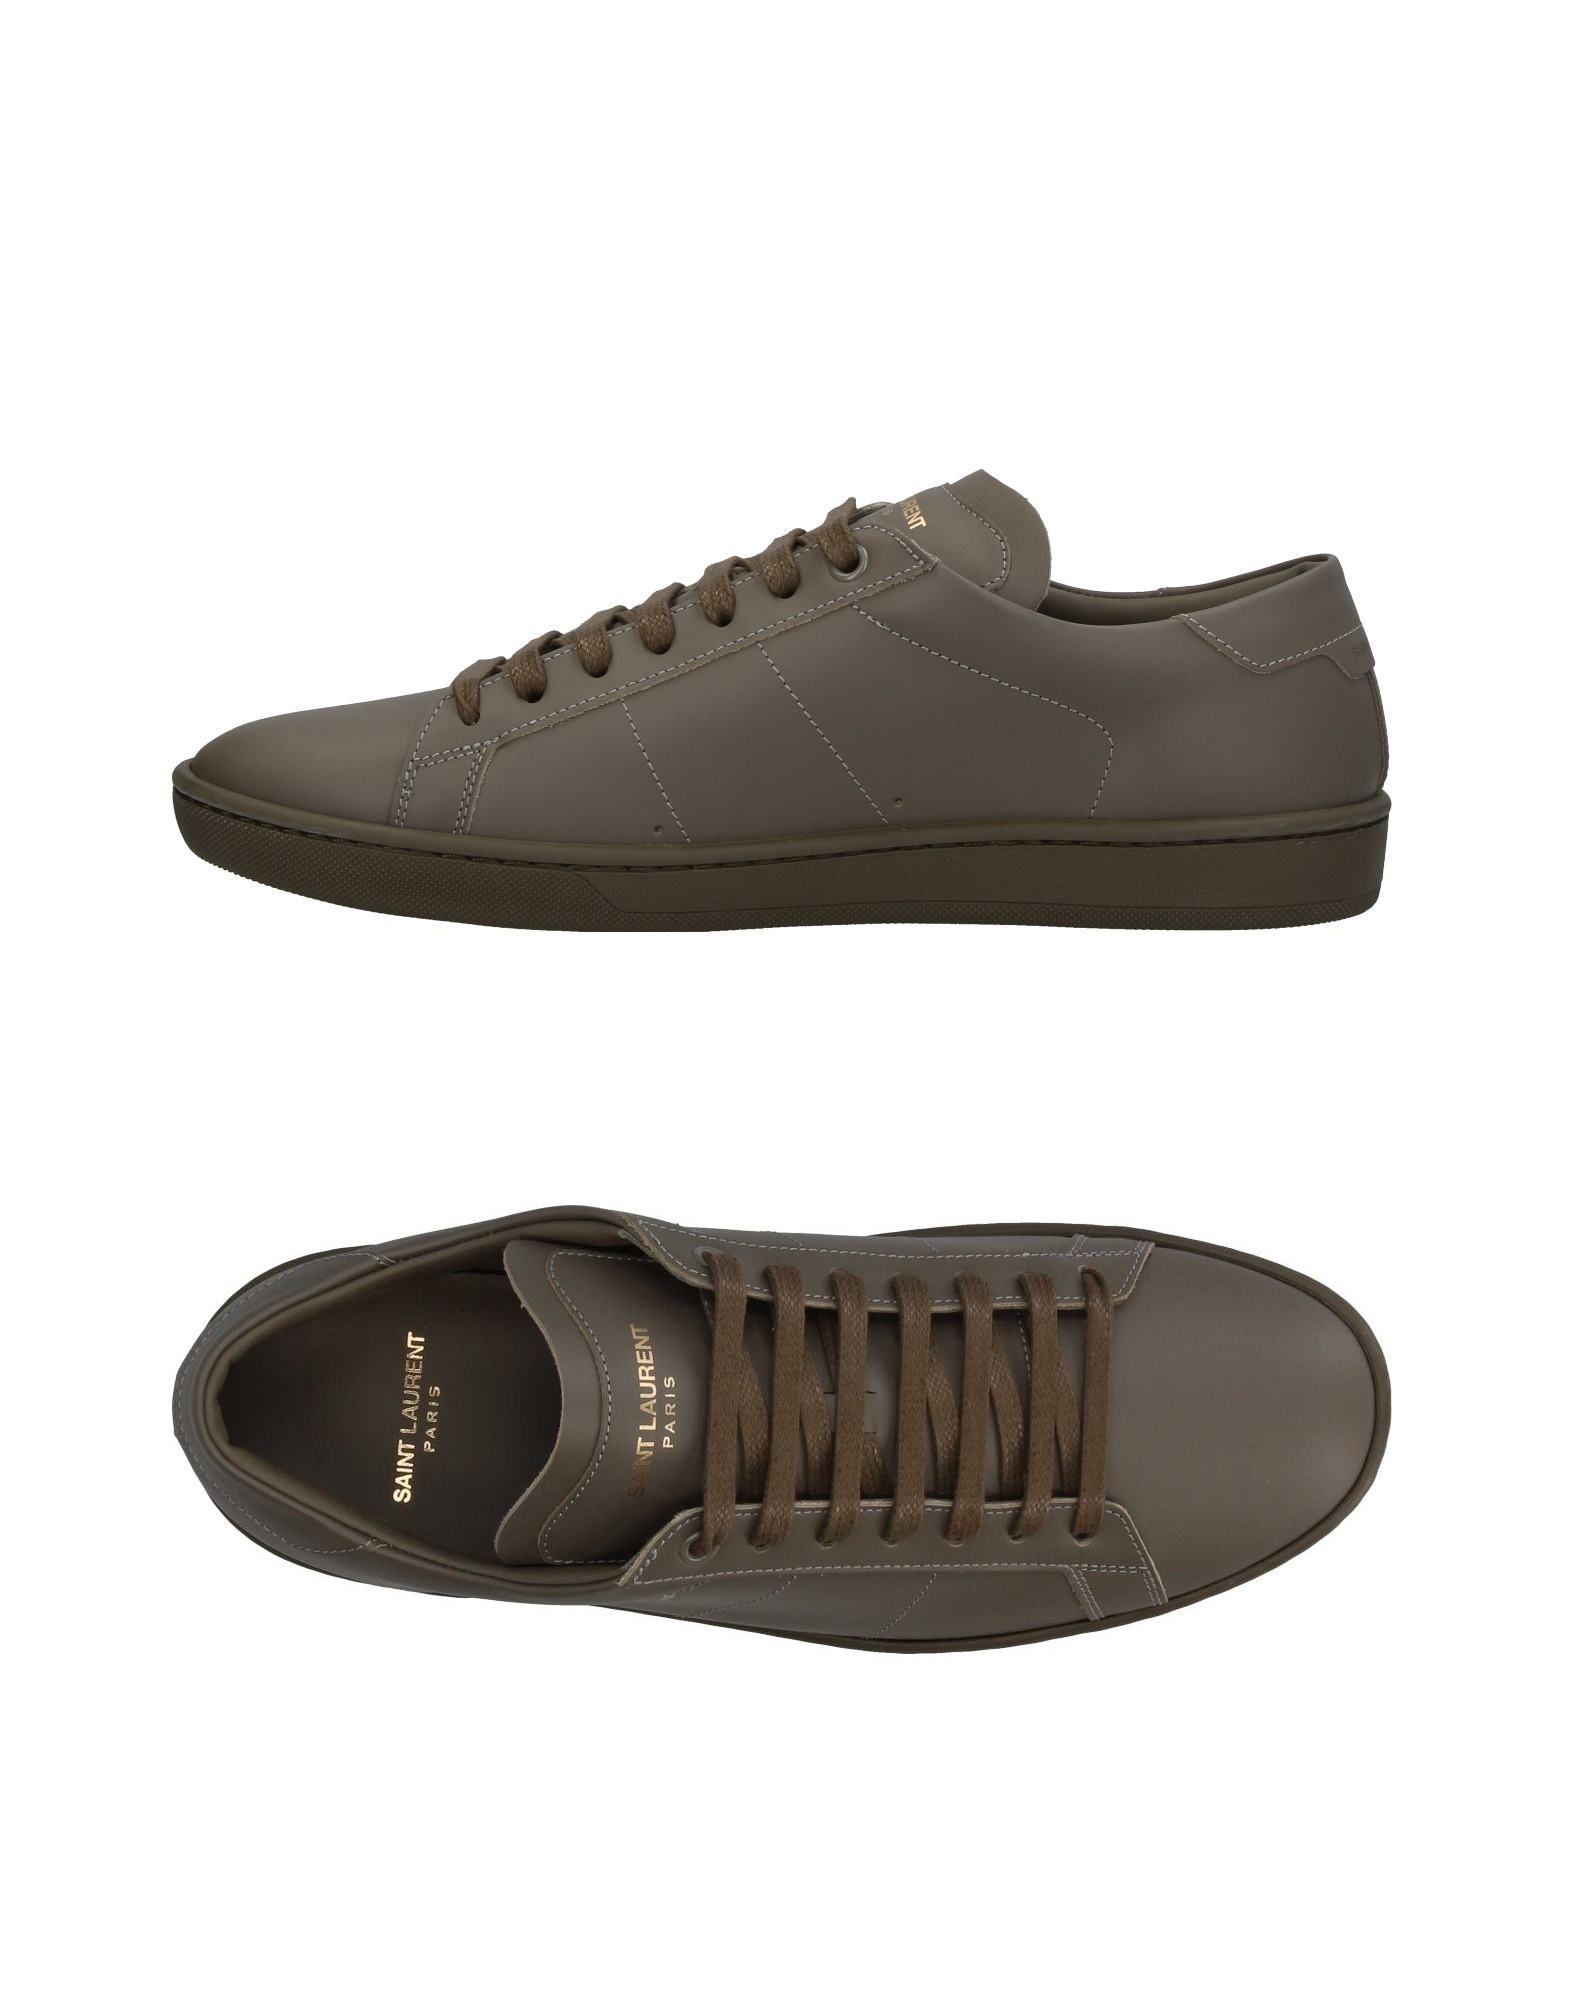 Saint Laurent Sneakers Herren Neue  11413565LD Neue Herren Schuhe 67f39d